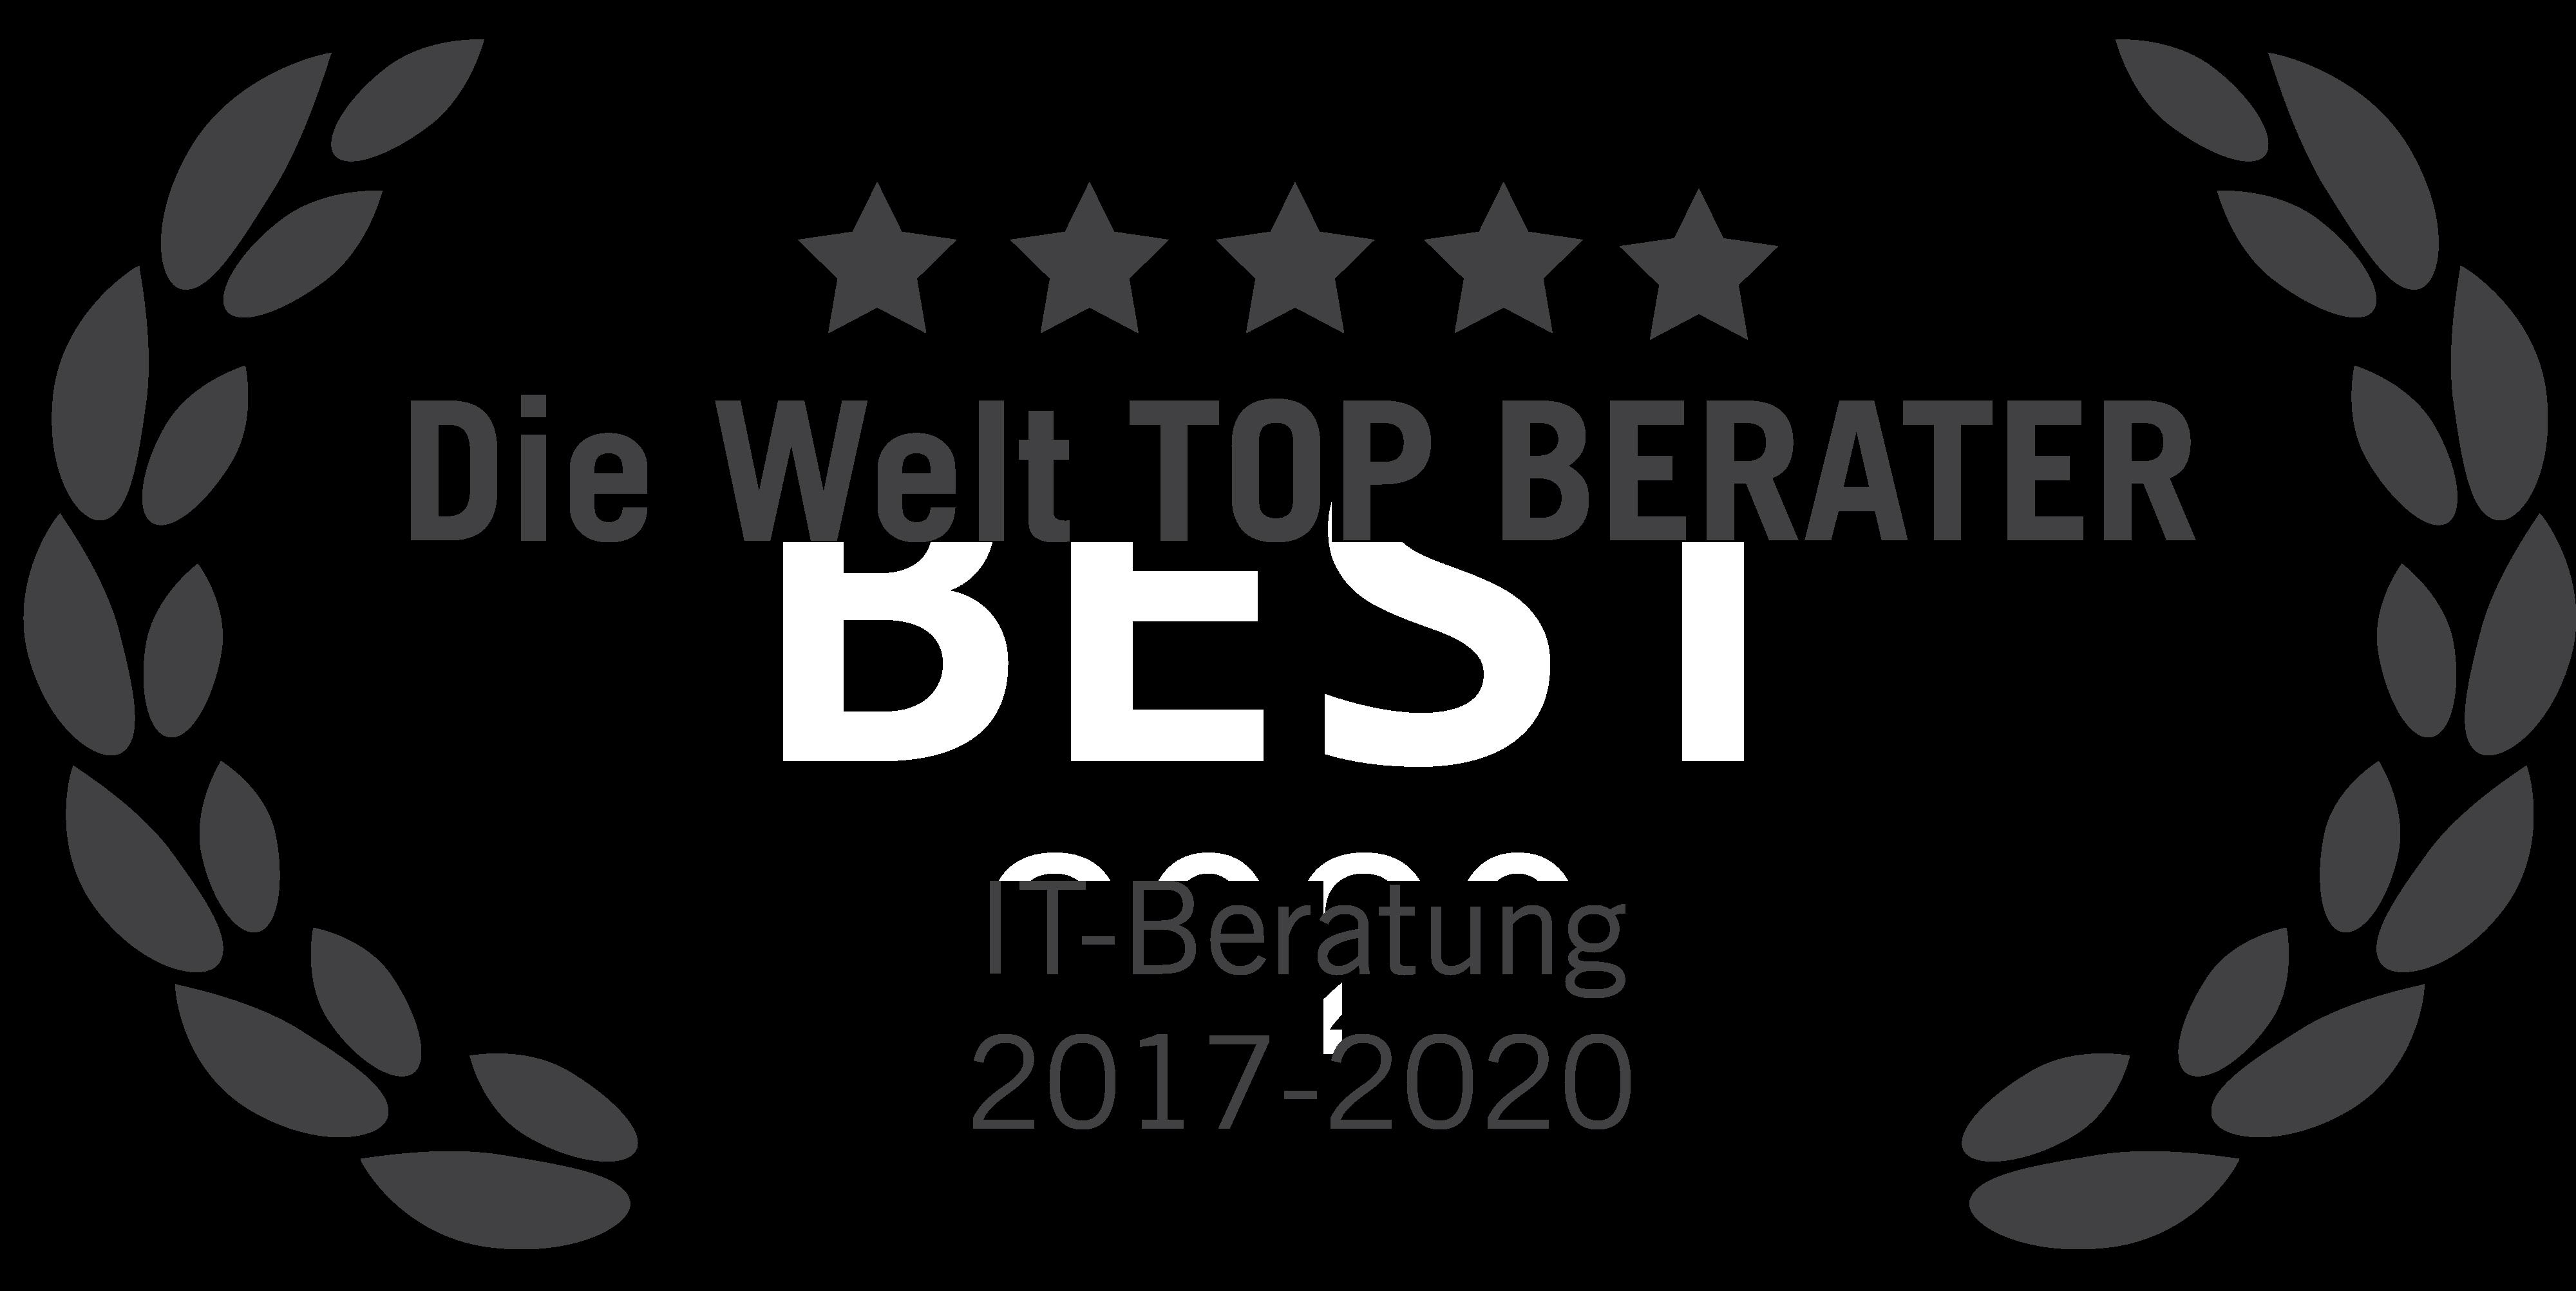 """Zum vierten Mal in Folge schafft es blueforte mit Top- Platzierungen in der Kategorie IT-Beratung auf die Bestenliste von """"DIE WELT Top Berater""""."""